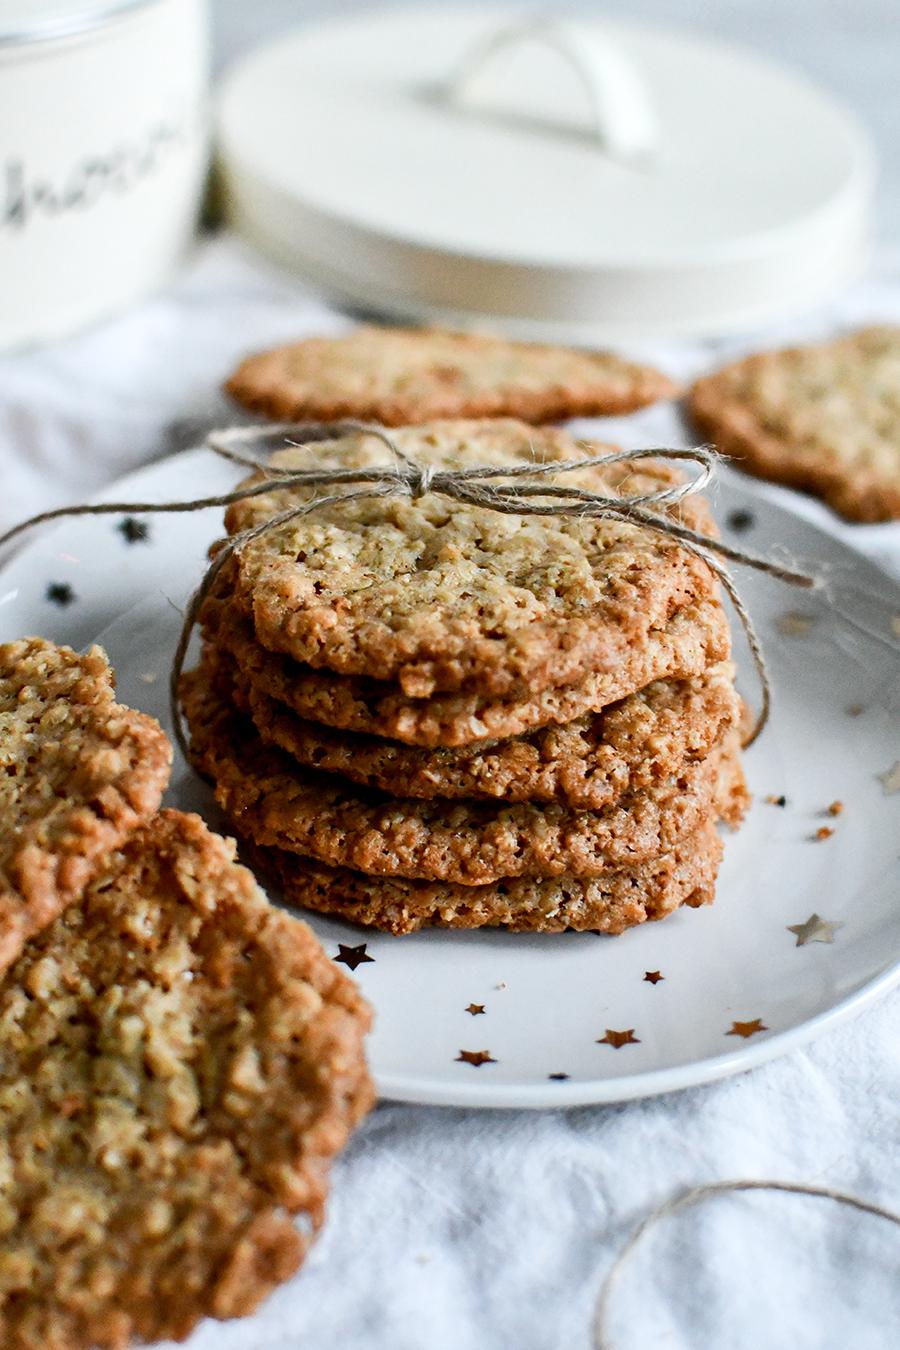 Schnelle Kekse mit Hafer zu Weihnachten